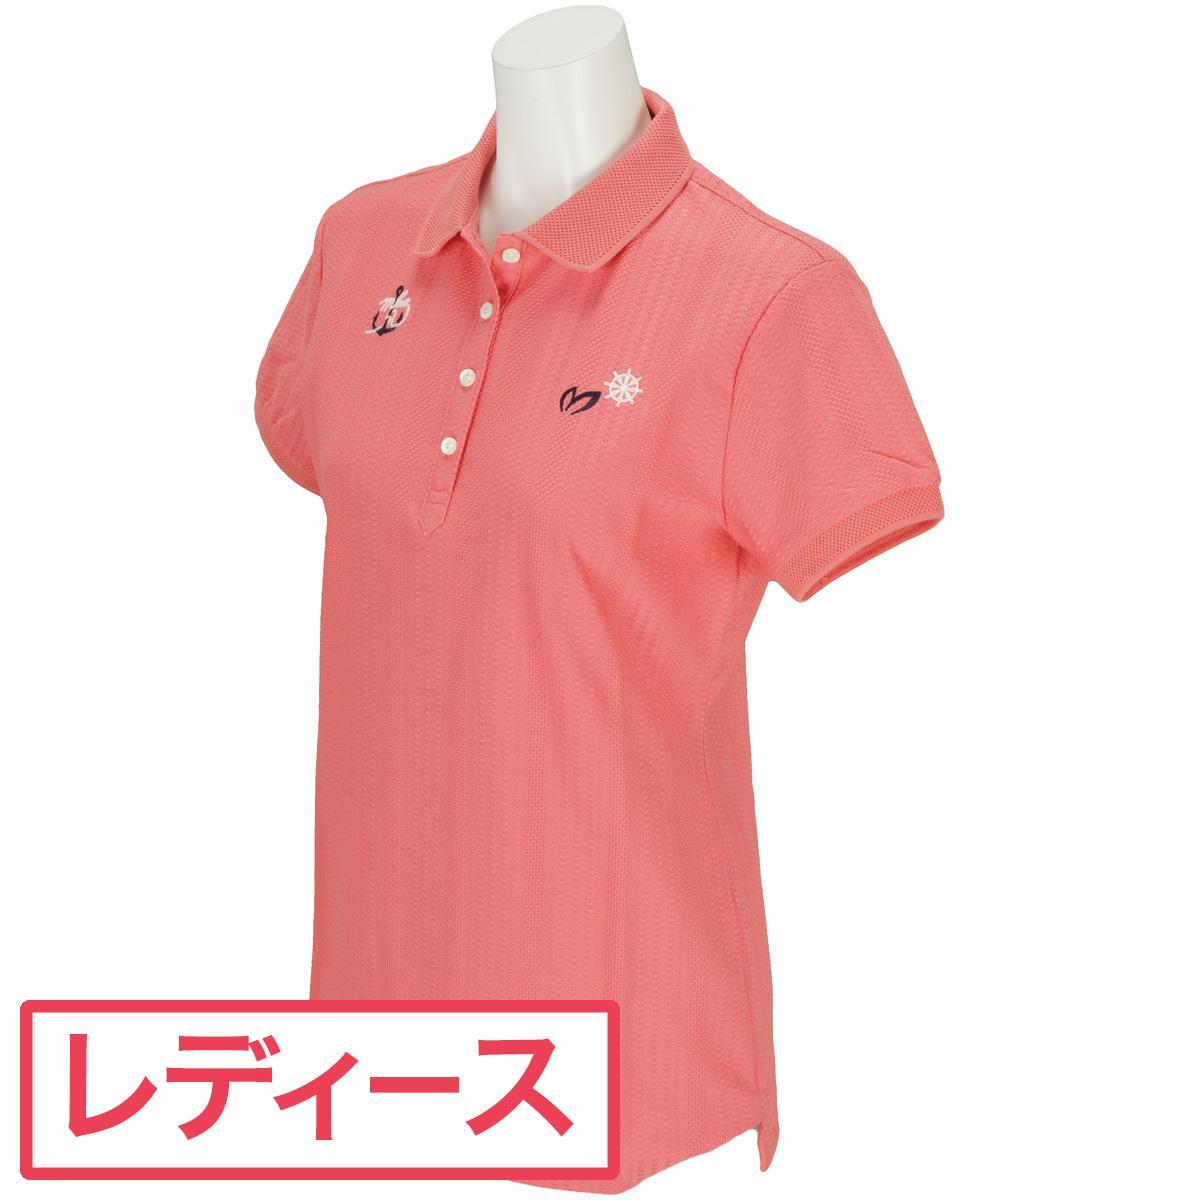 マスターバニーエディション MASTER BUNNY EDITION ハニカムストライプ 半袖ポロシャツ レディス